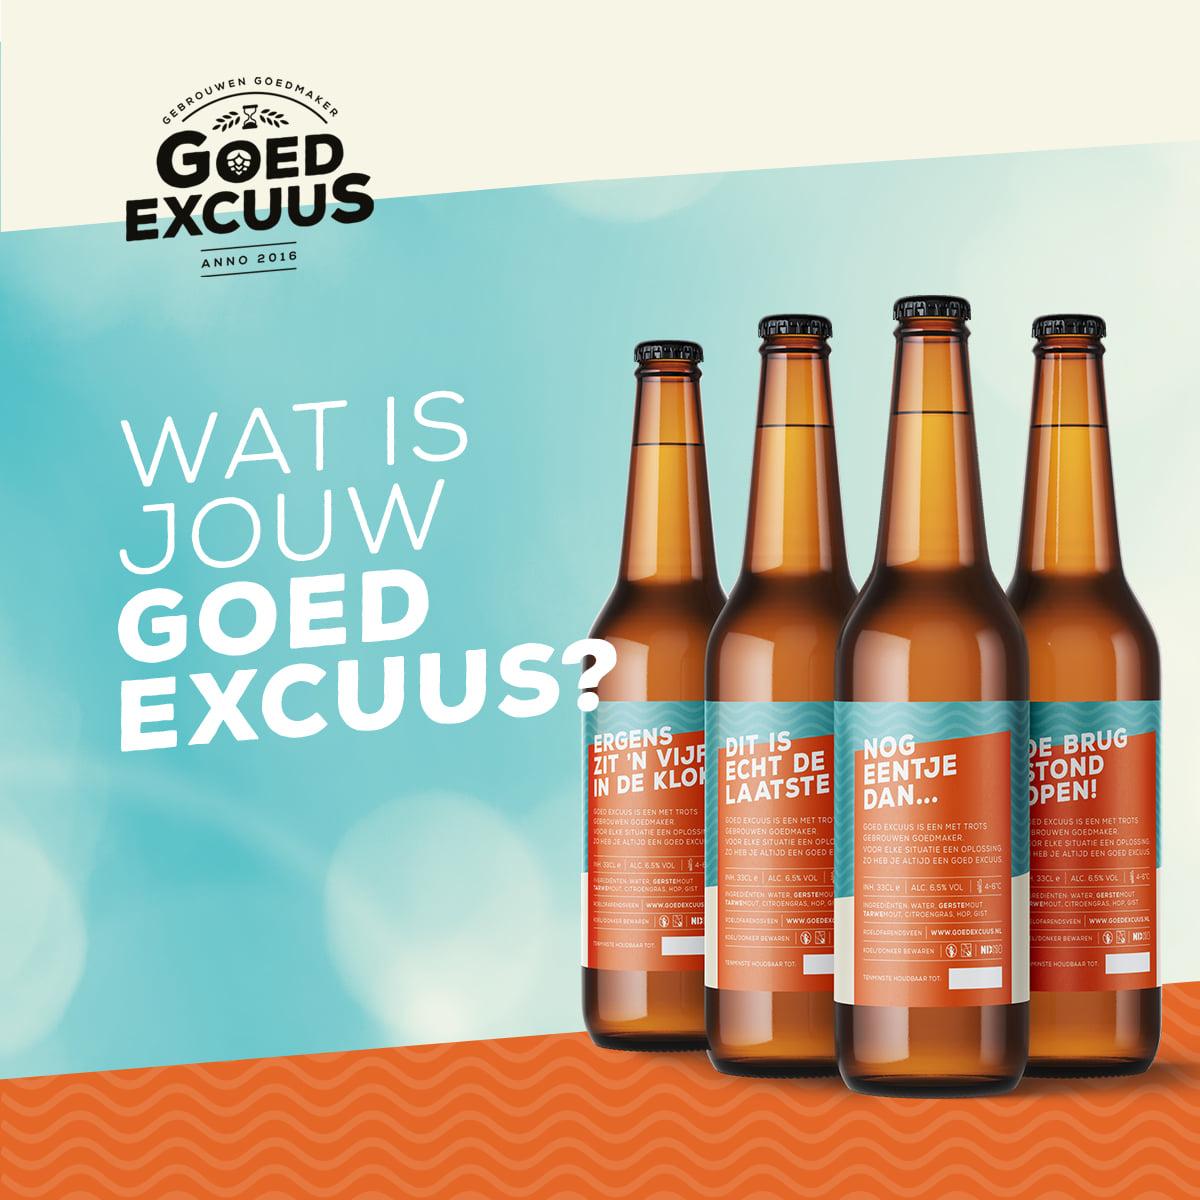 <p>wat is jouw goed excuus?</p>